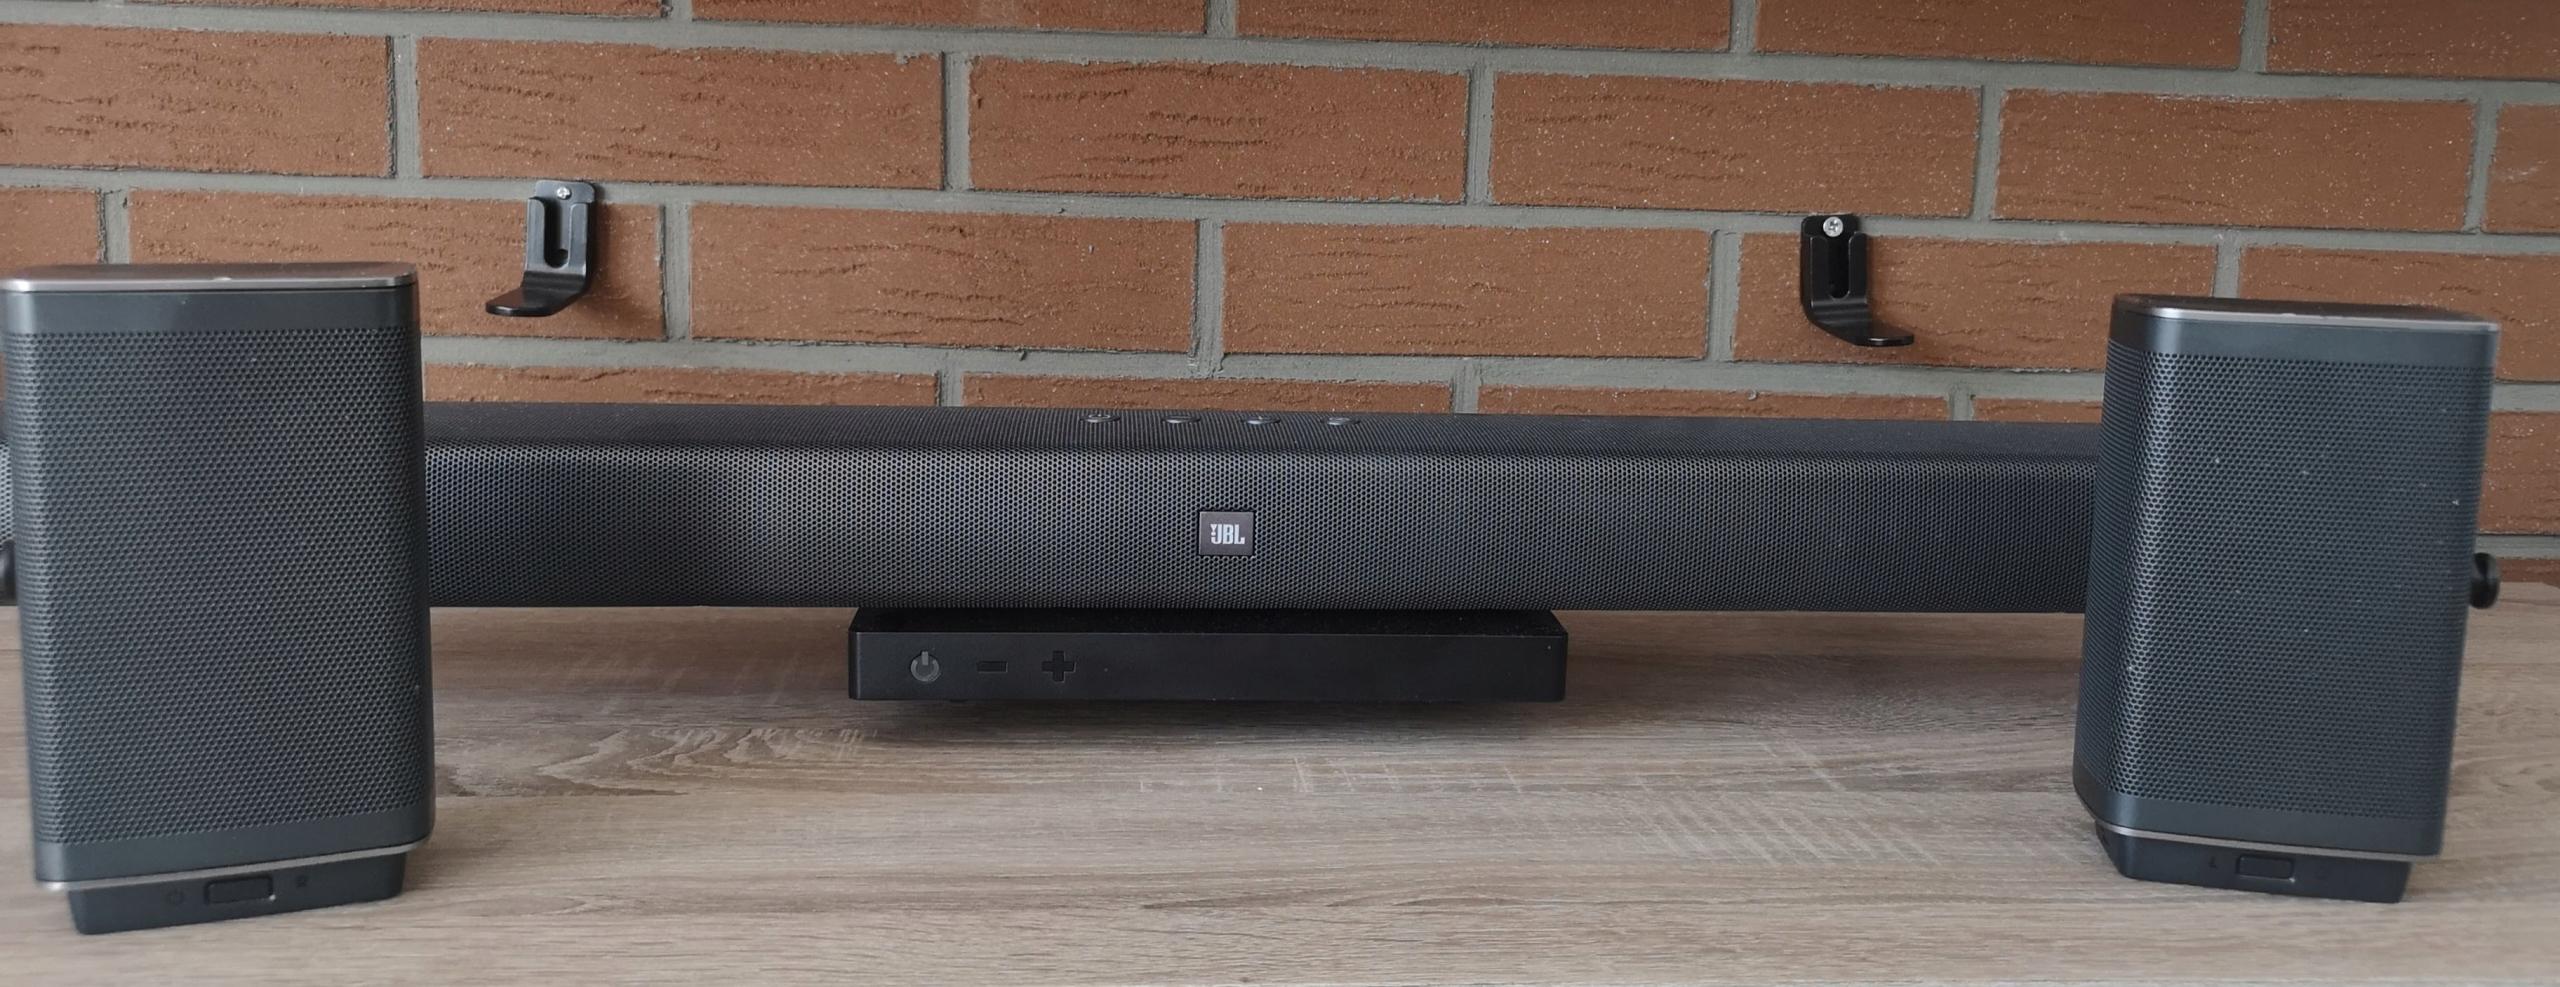 Soundbar JBL BAR 5.1 bezprzewodowe tyły efektowe